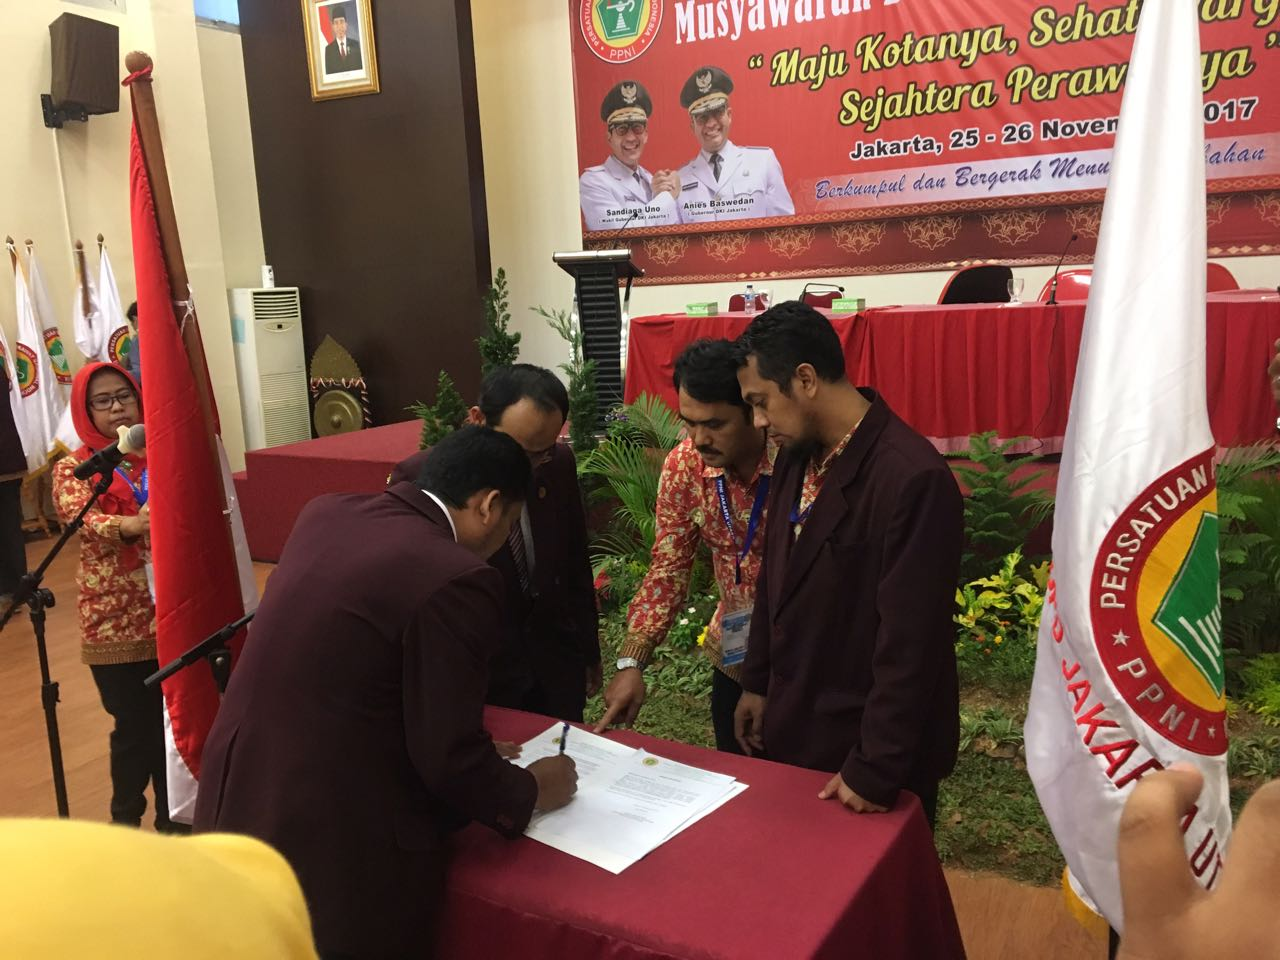 Penandatanganan Berkas Pelantikan Ketua DPD PPNI Jakarta Utara